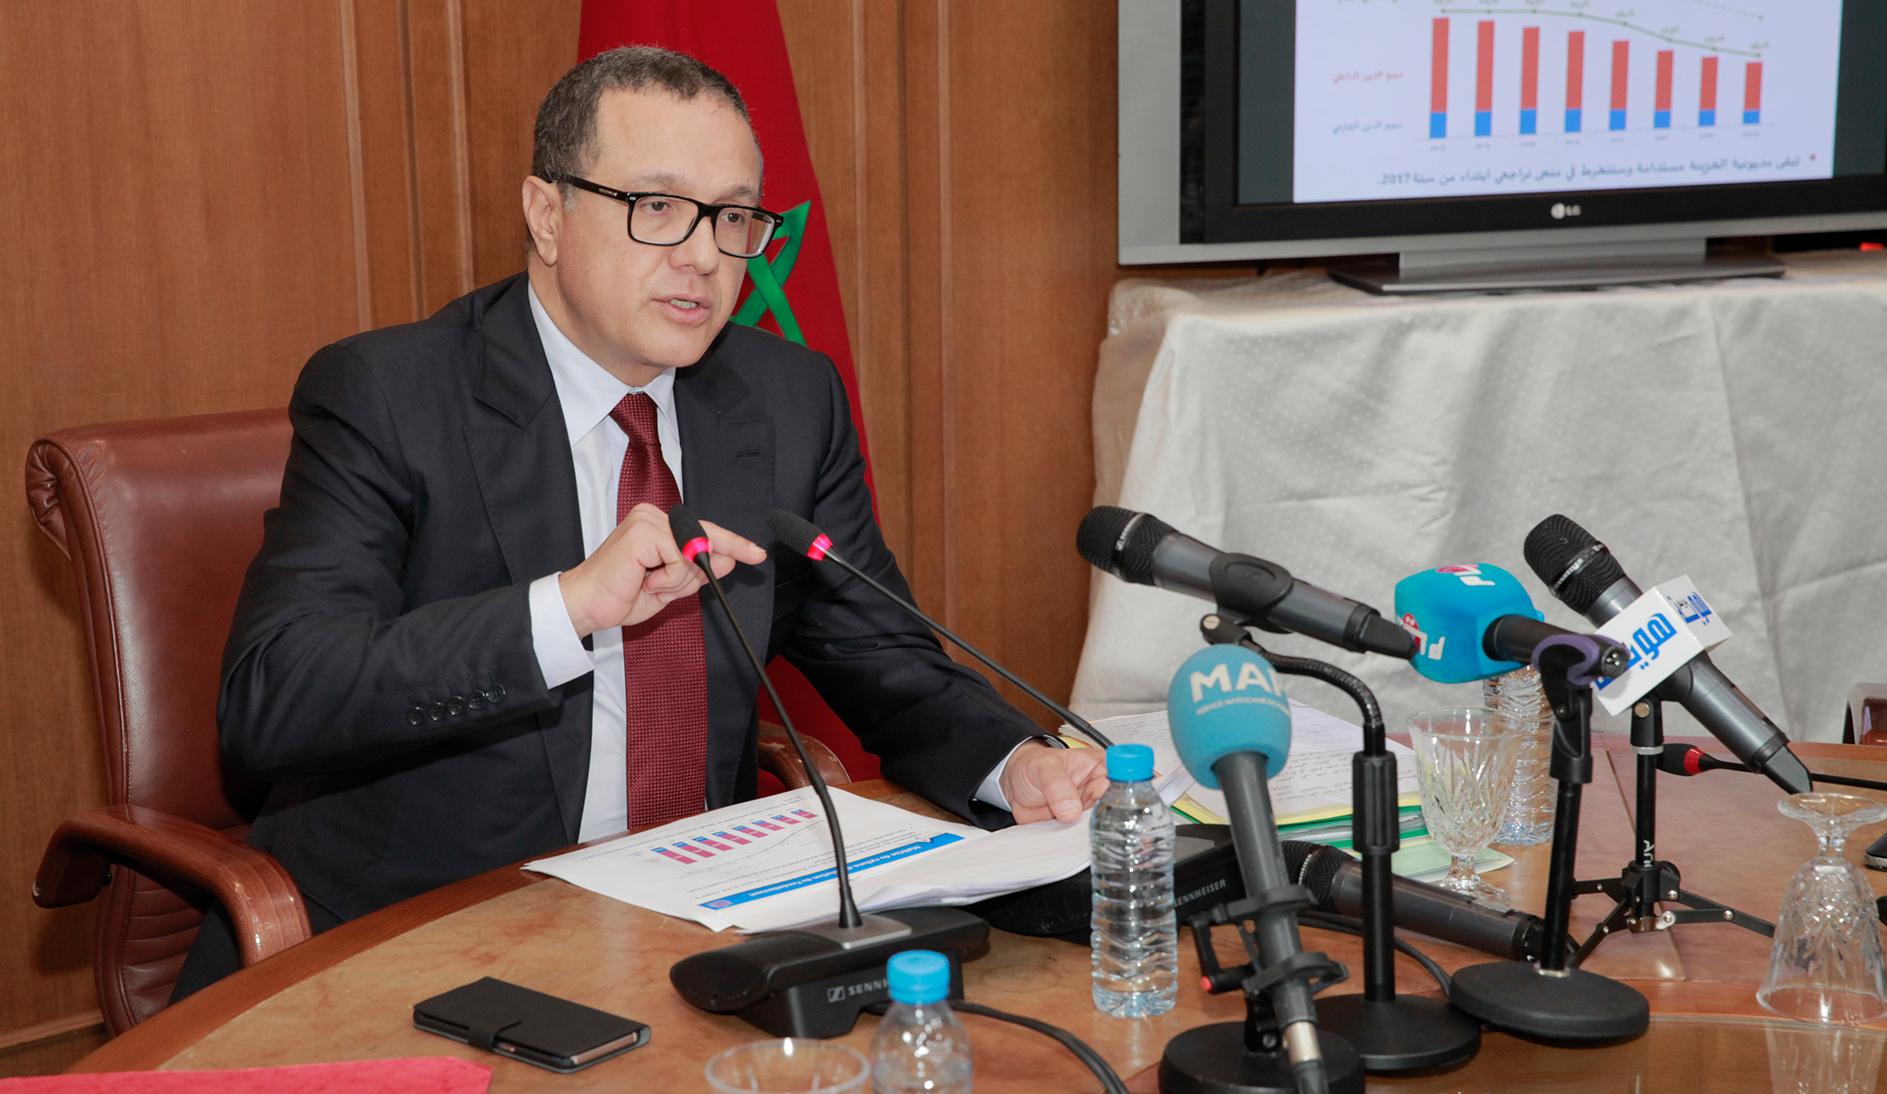 بوسعيد: الدولة ملتزمة بدعم المقاولات الصغرى والمتوسطة والناشئة المبتكرة